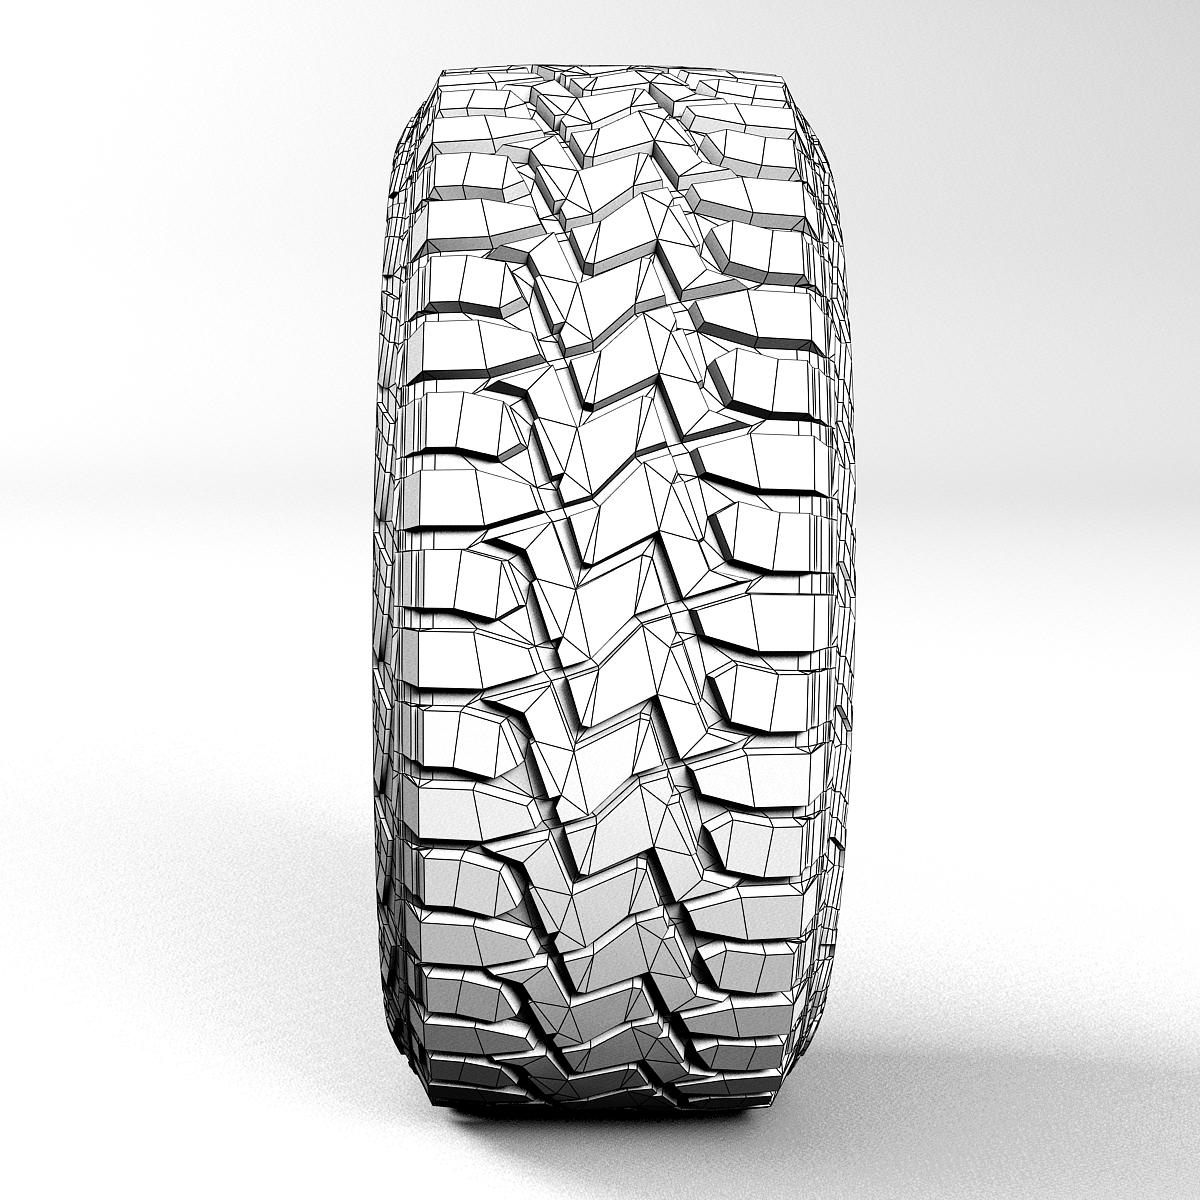 off road wheel and tire 2 3d model 3ds max fbx tga targa icb vda vst pix obj 224421